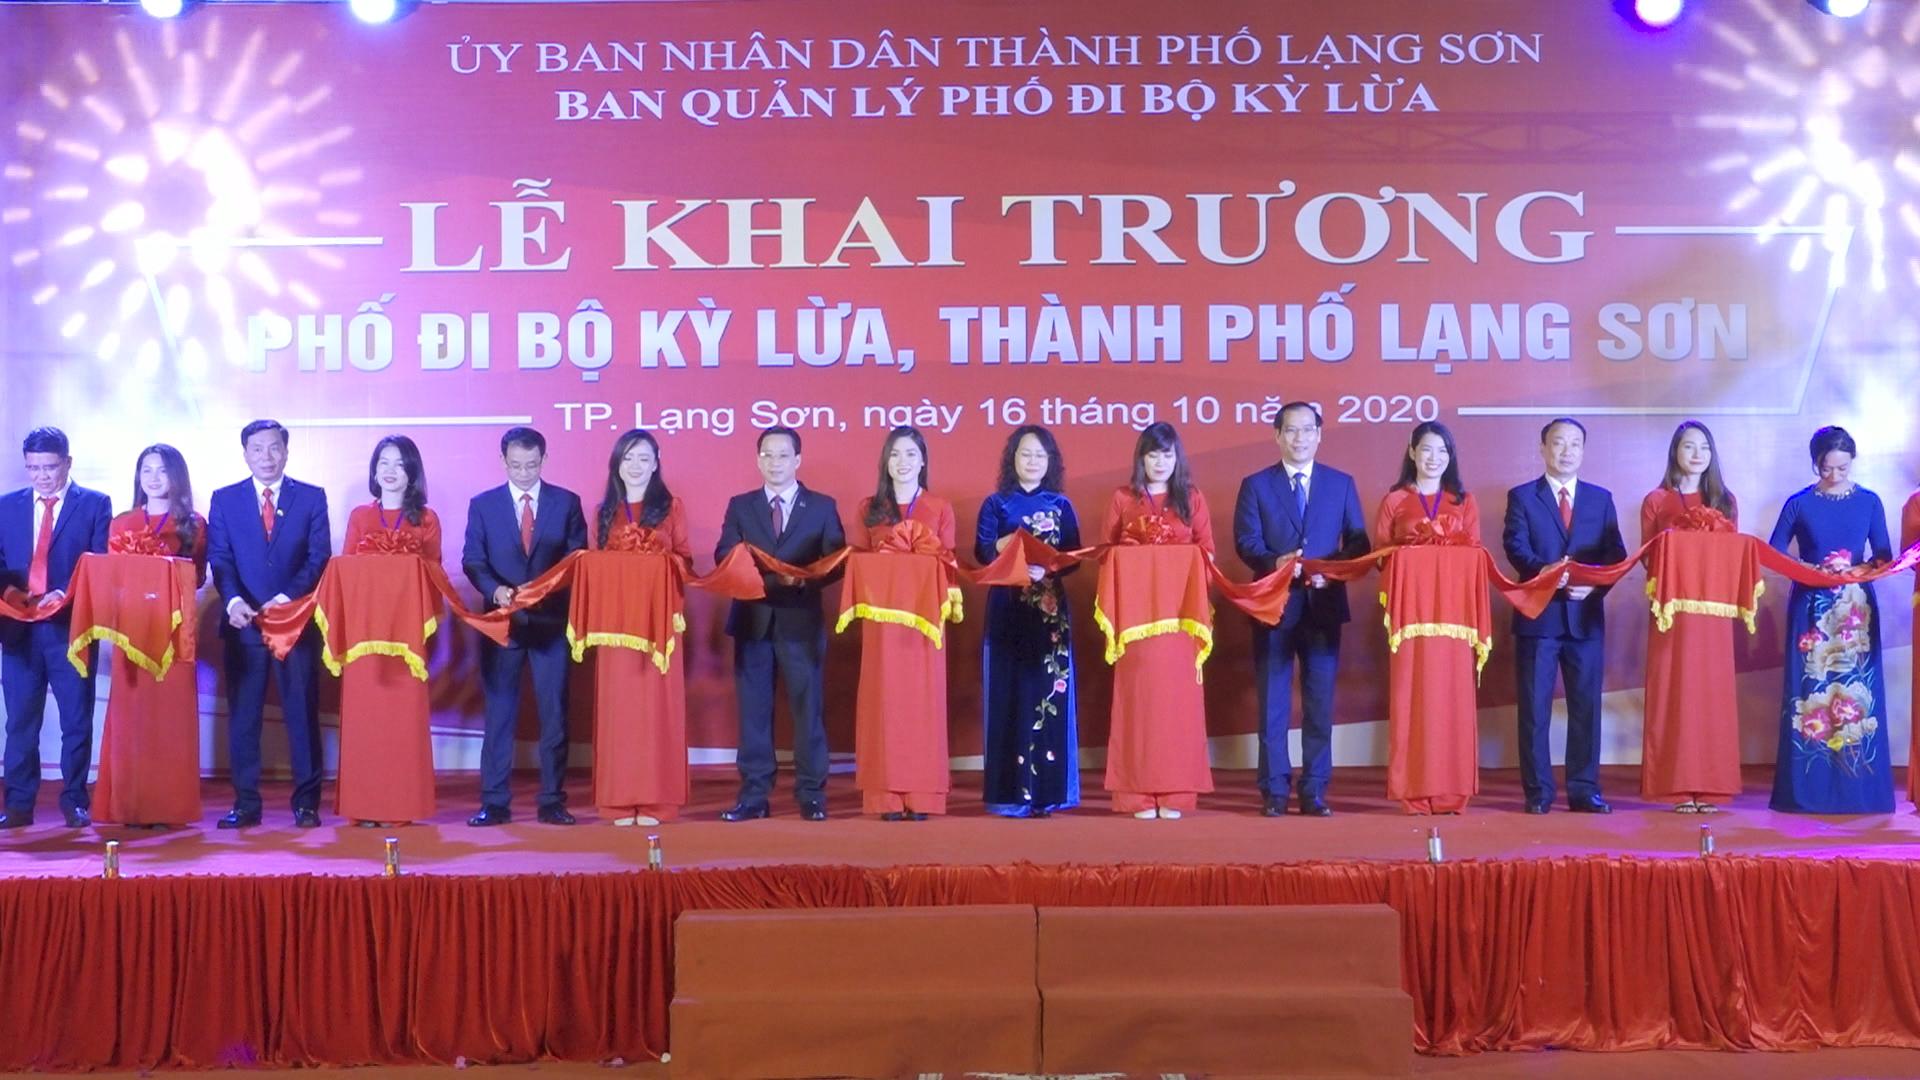 Phố đi bộ Kỳ Lừa, thành phố Lạng Sơn chính thức đi vào hoạt động